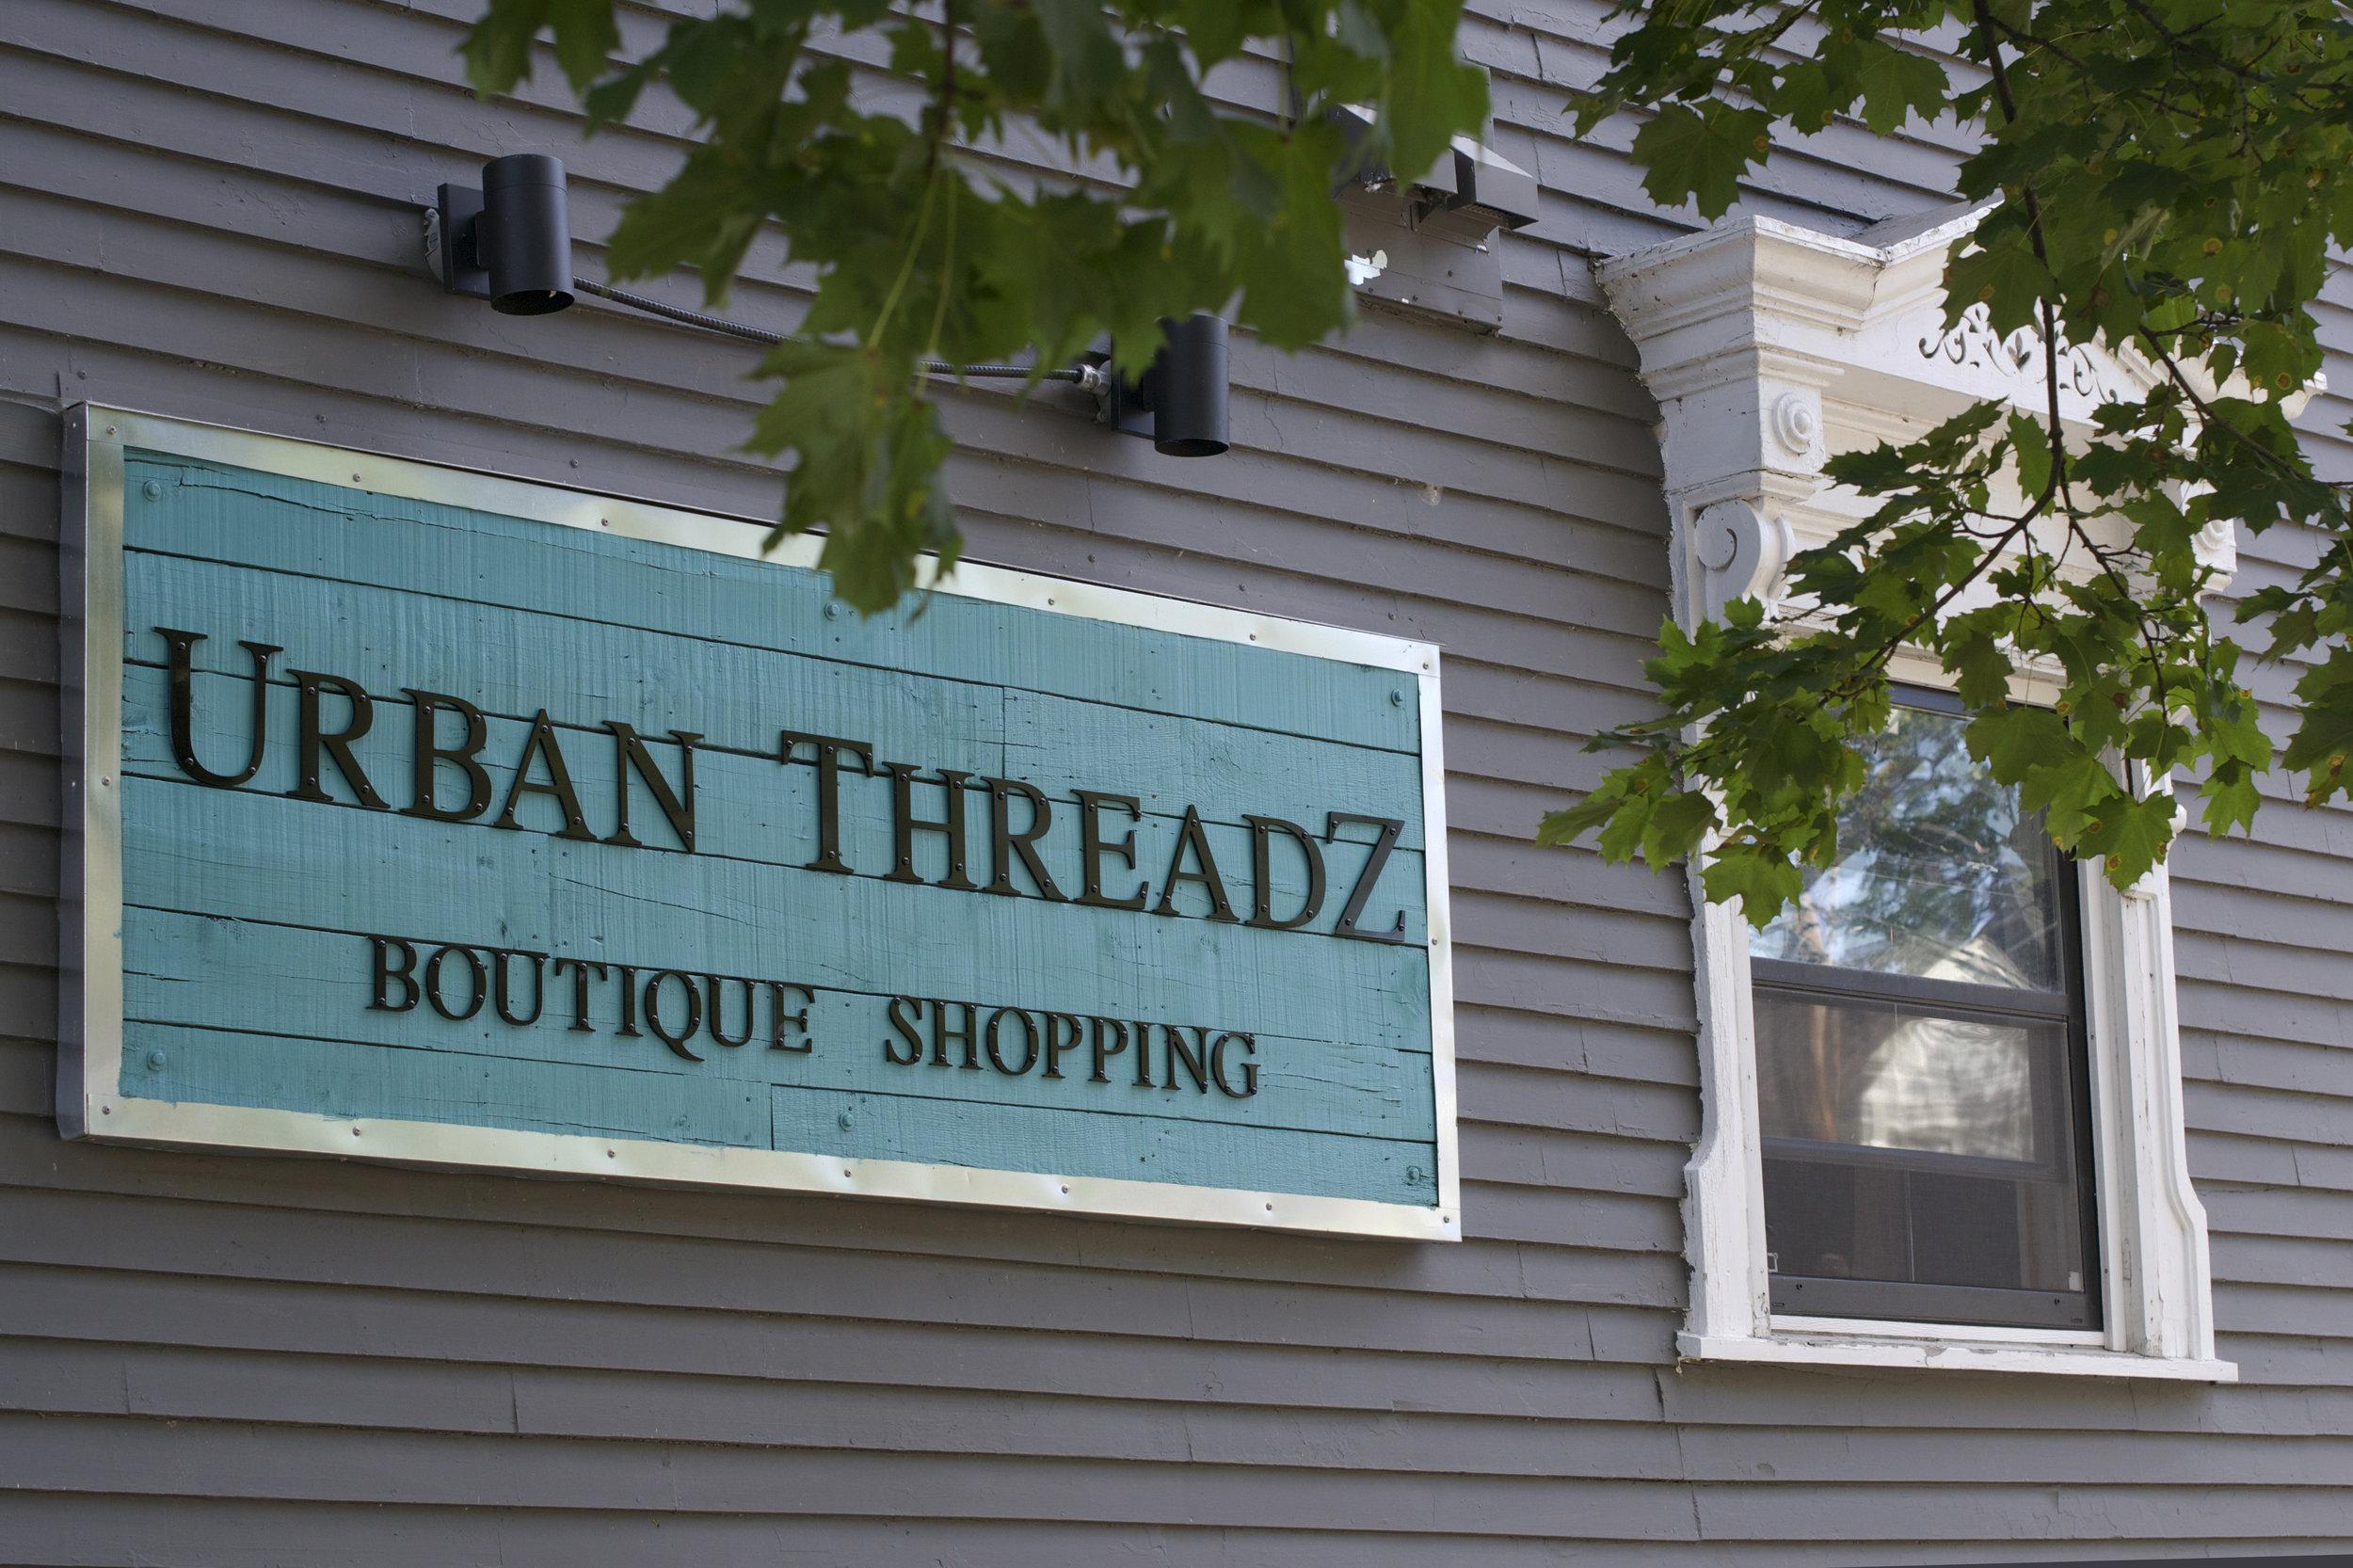 Urban-Threadz-sign-side-of-bldg.jpg